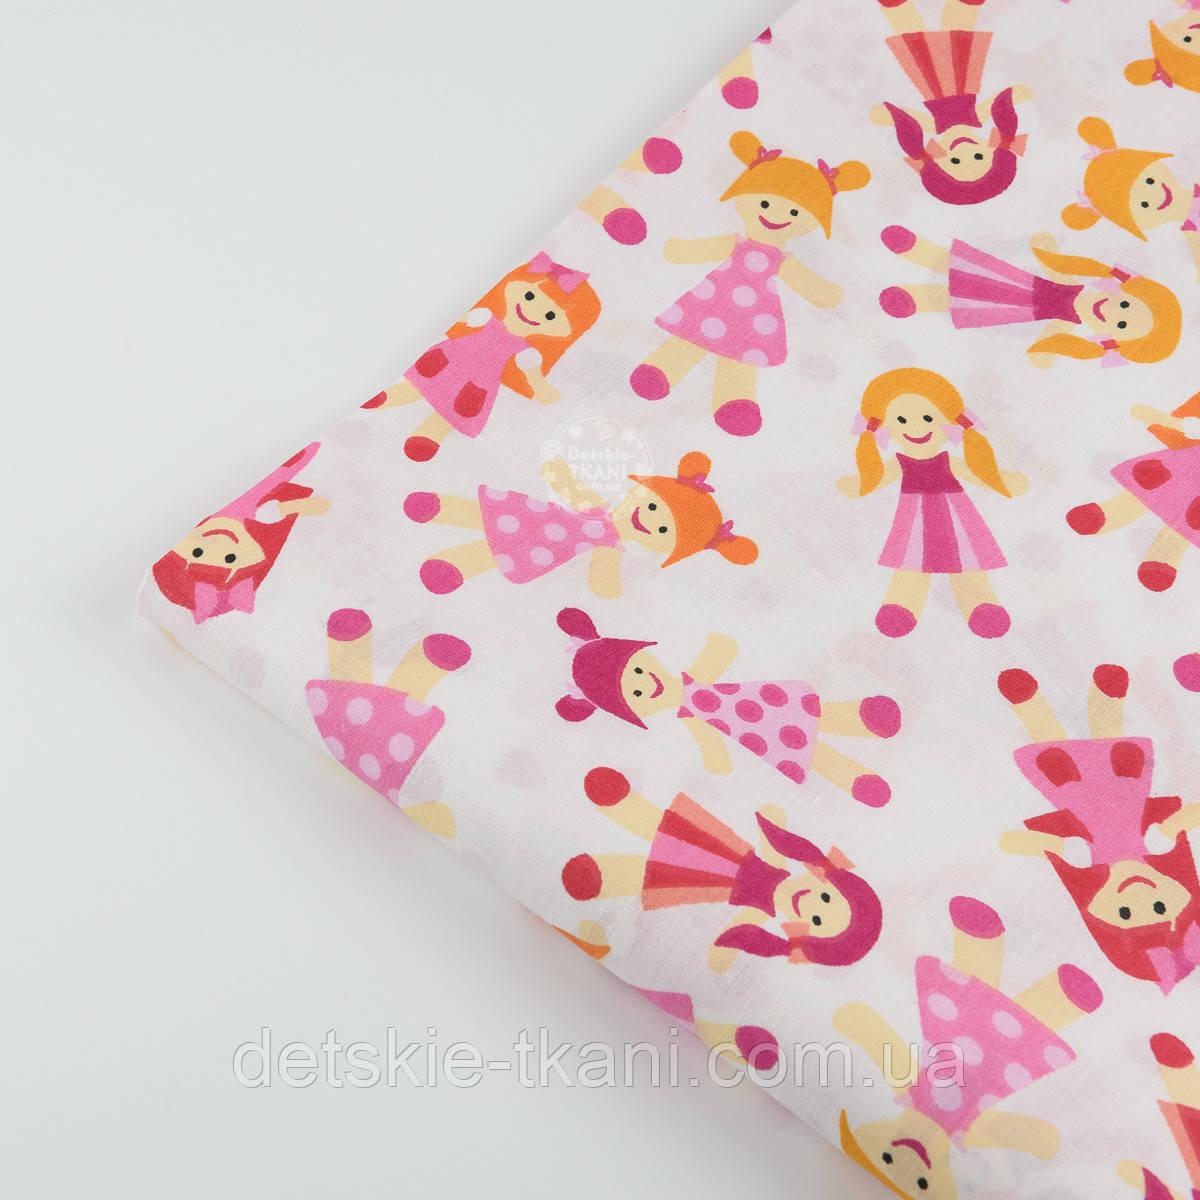 Лоскут ткани №304а размером 56*78см